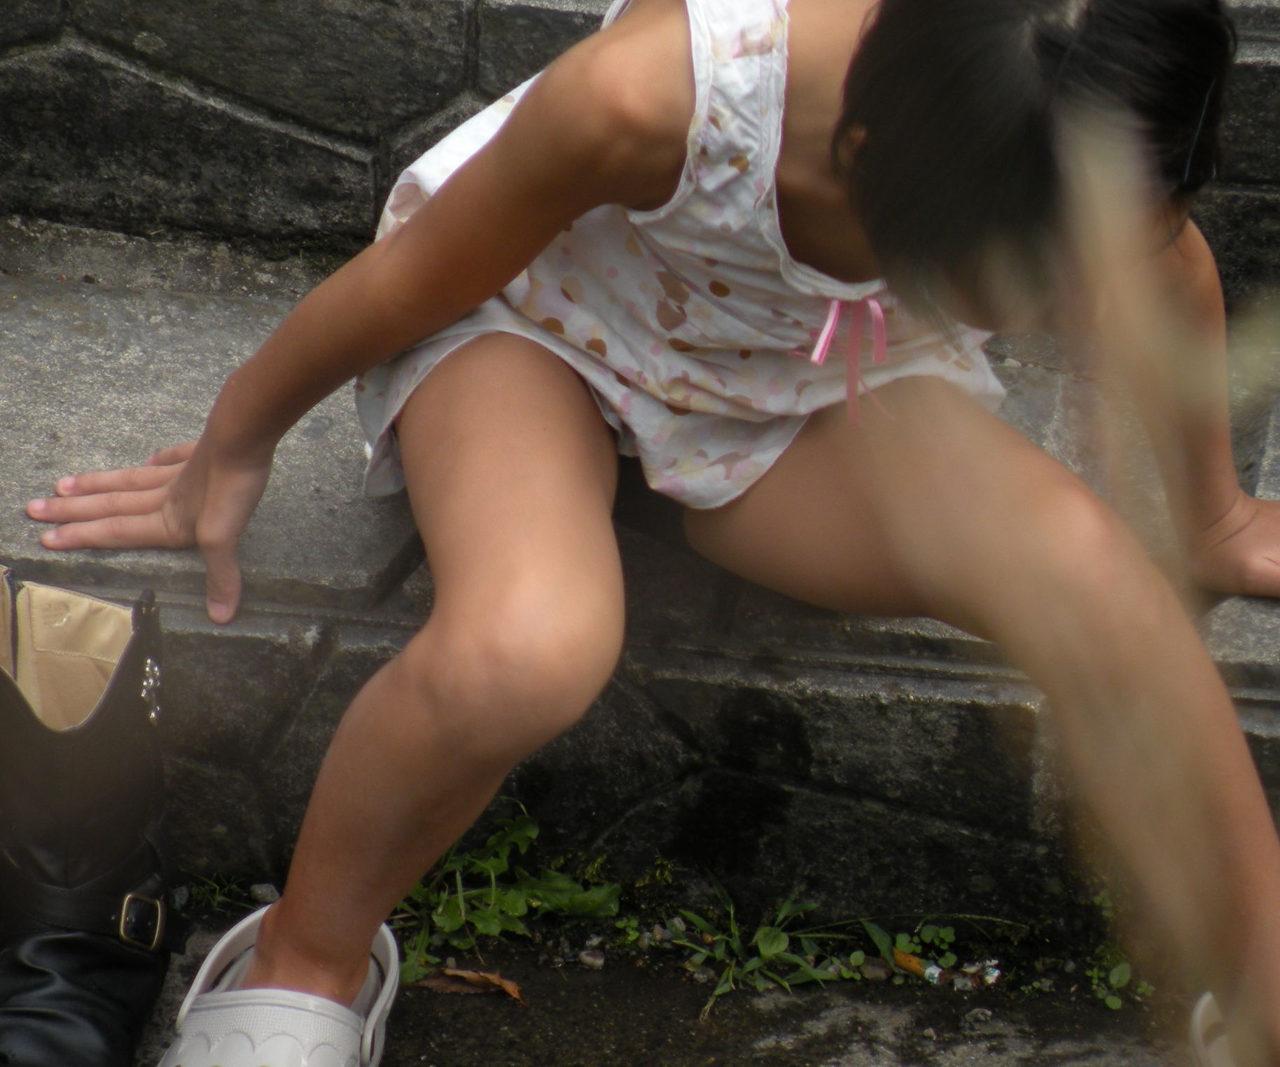 盗撮 けしからん 【U15街撮り画像】イマドキのJCが大人過ぎてけしからん盗撮風の街撮り画像